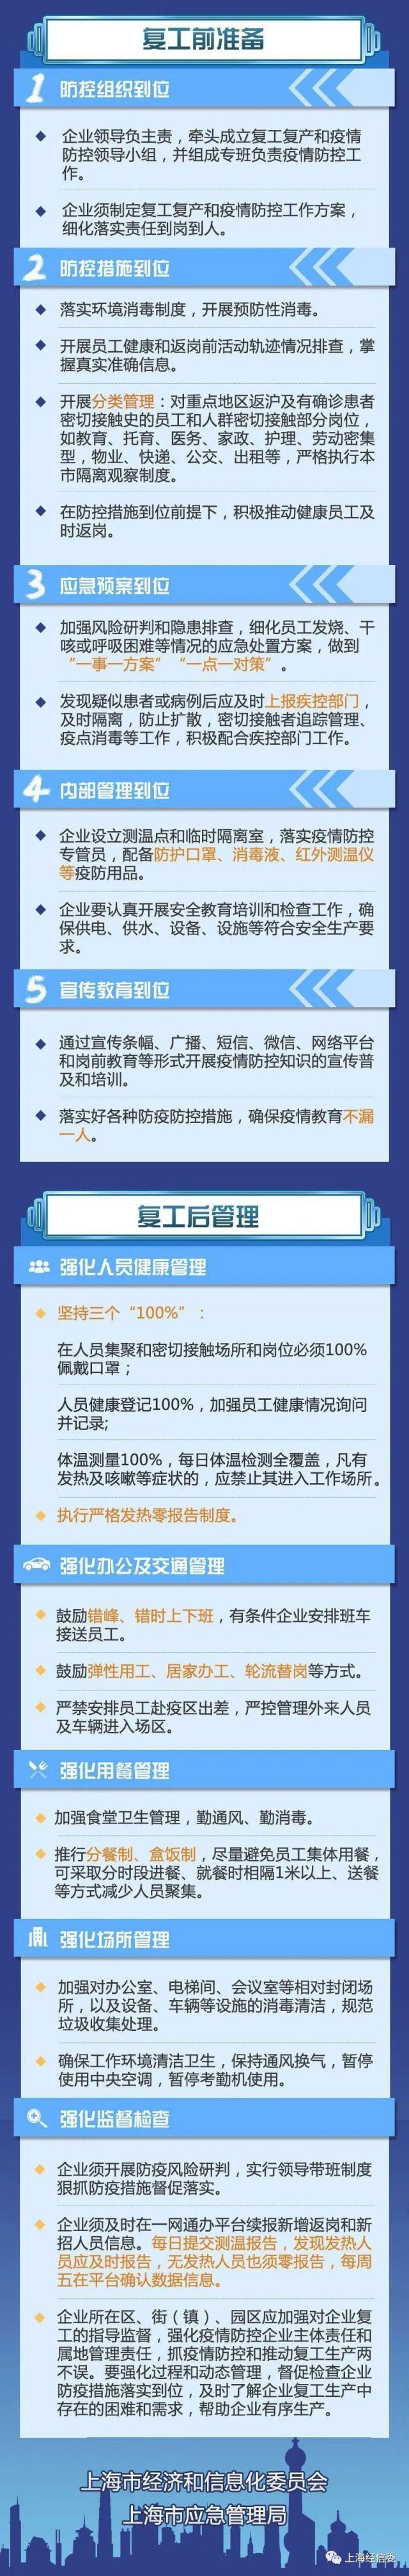 上海新版企业复工指南发布